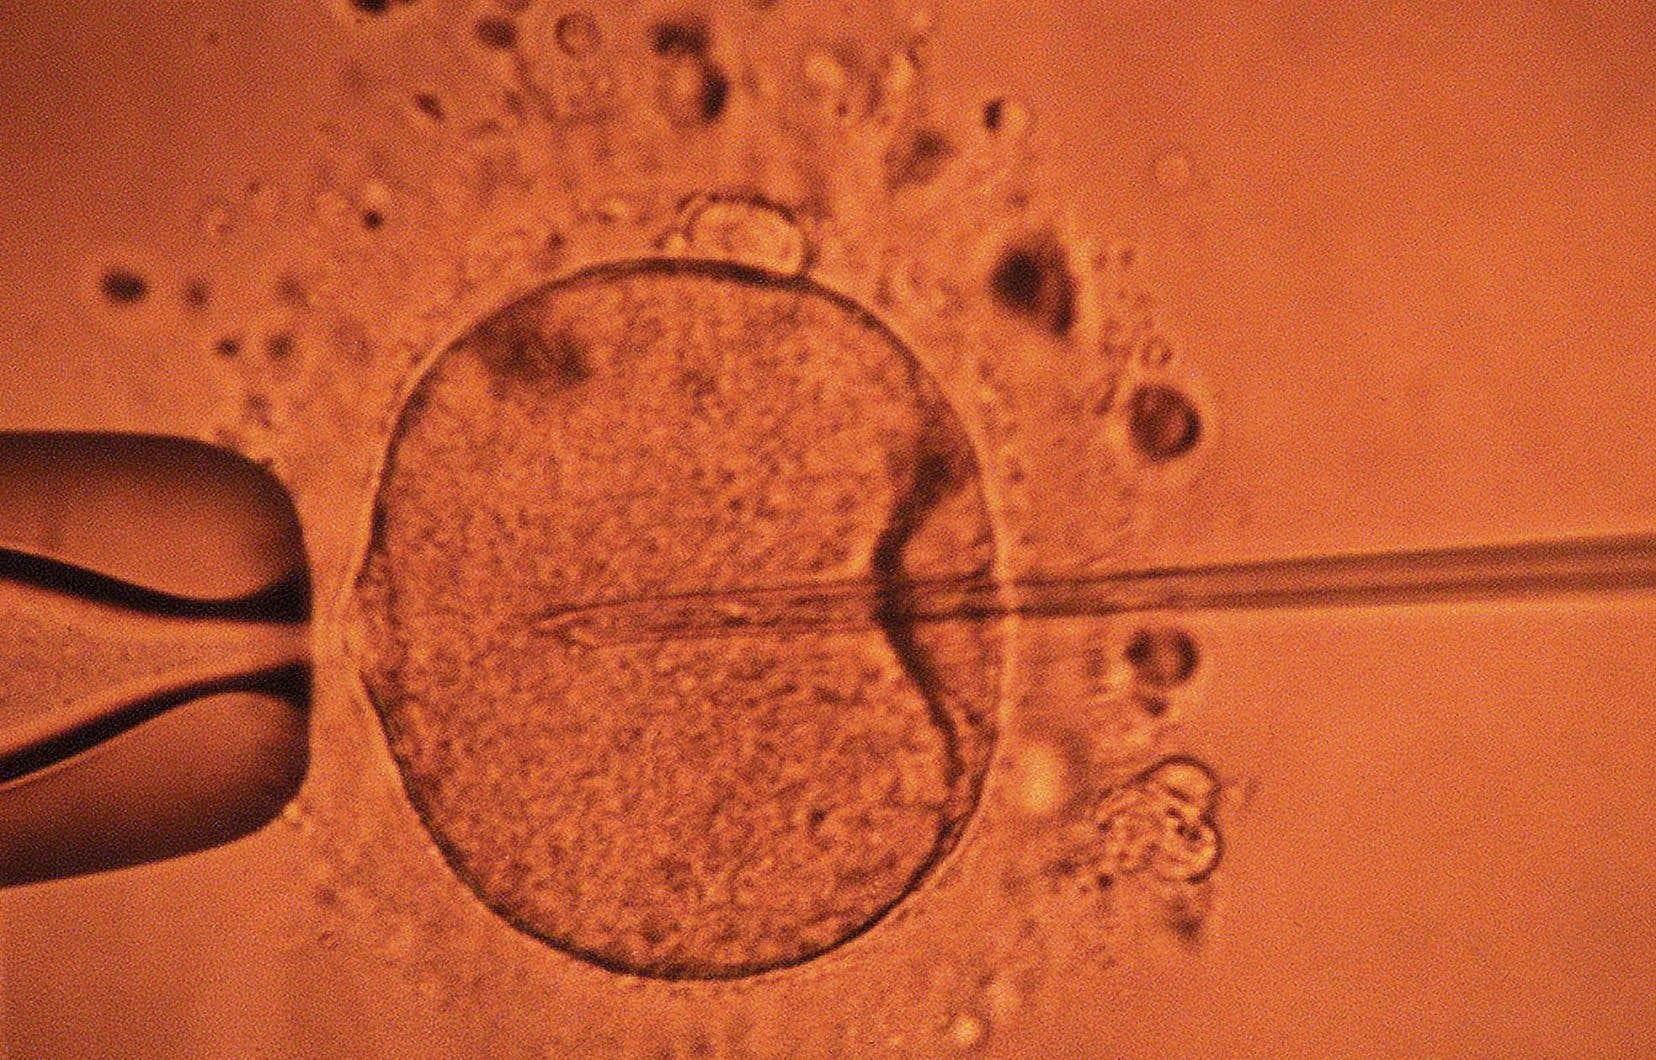 L'insémination avec donneur et la fécondation «in vitro» ont longtemps été réservées aux couples hétérosexuels.